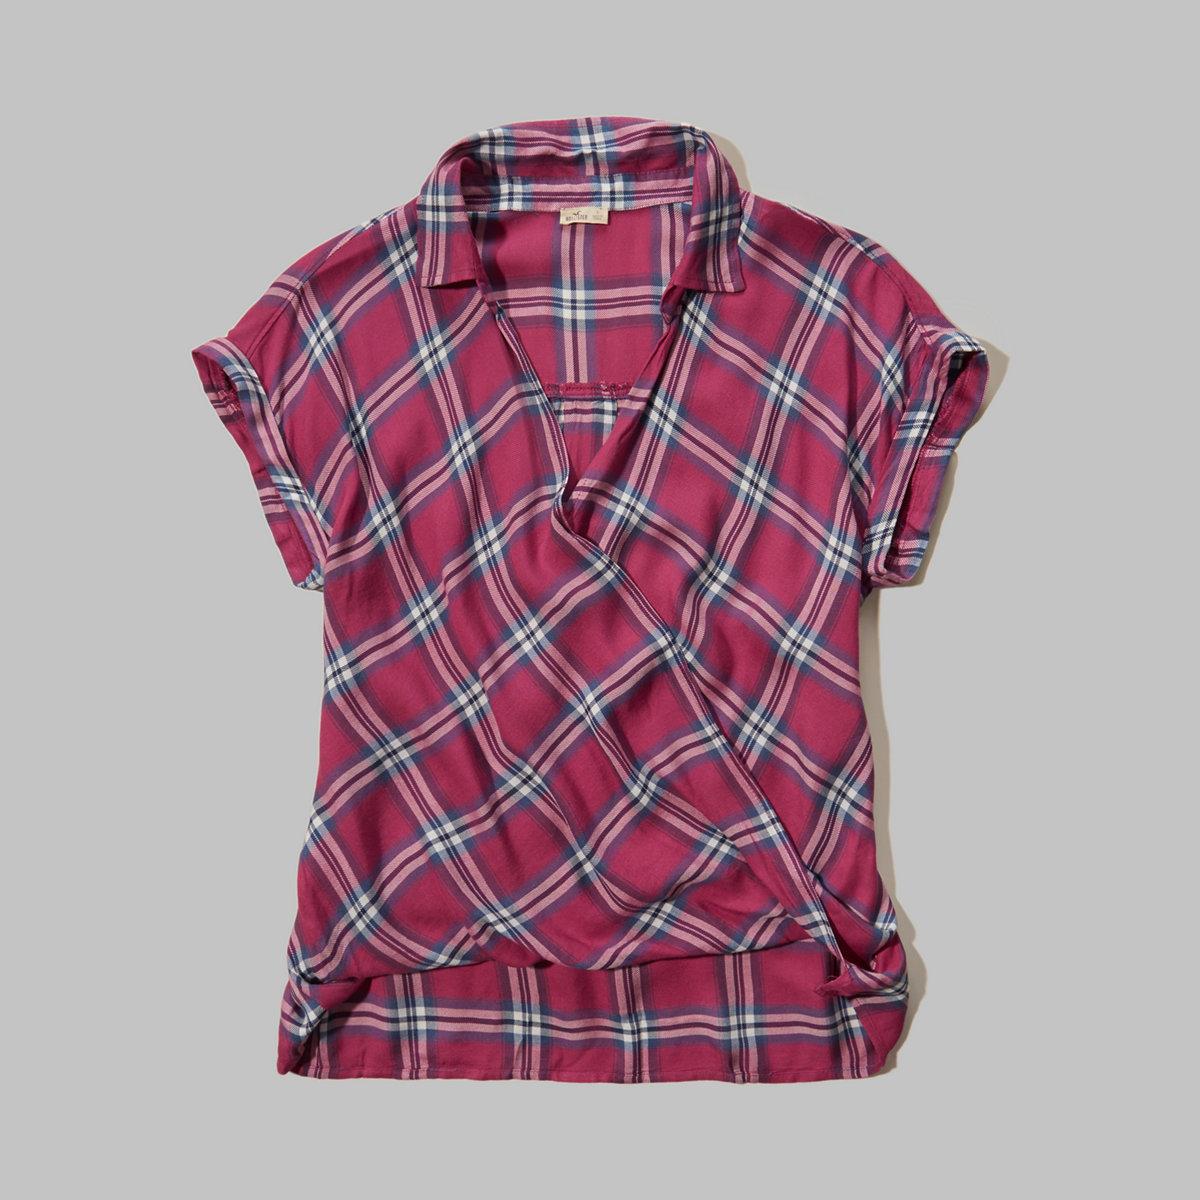 Wrap Front Dolman Shirt